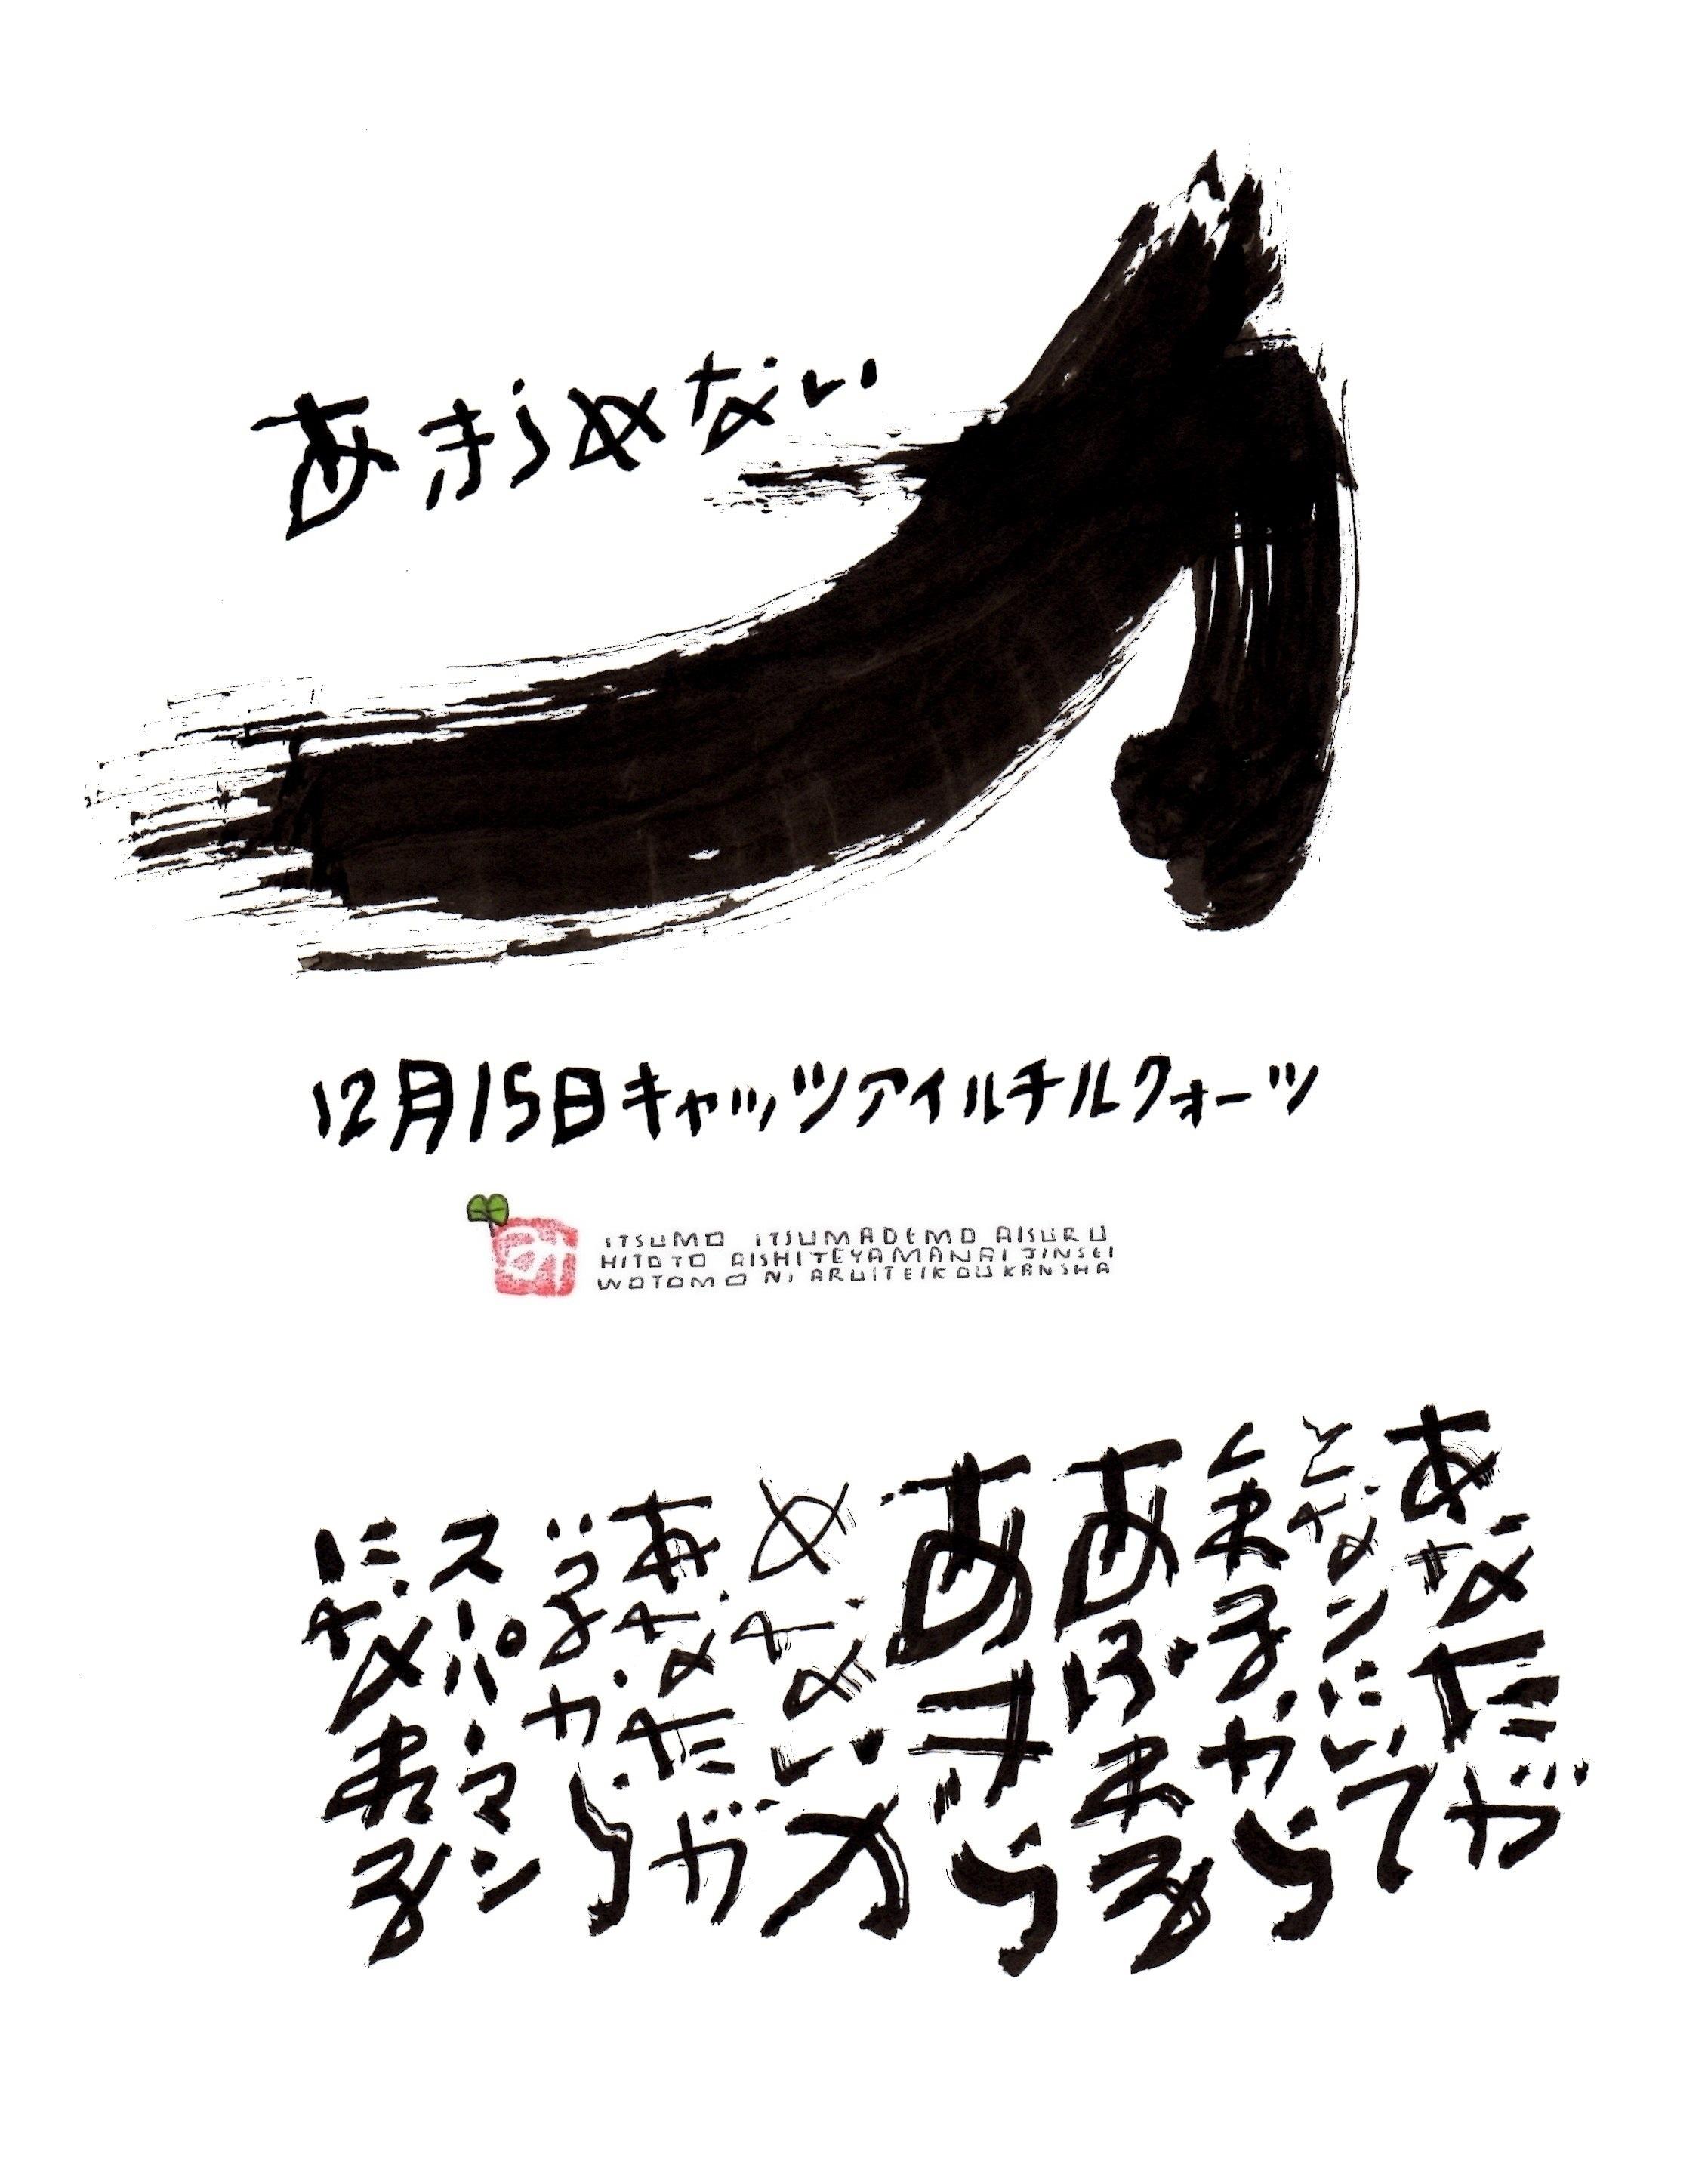 12月15日 結婚記念日ポストカード【あかるい力】